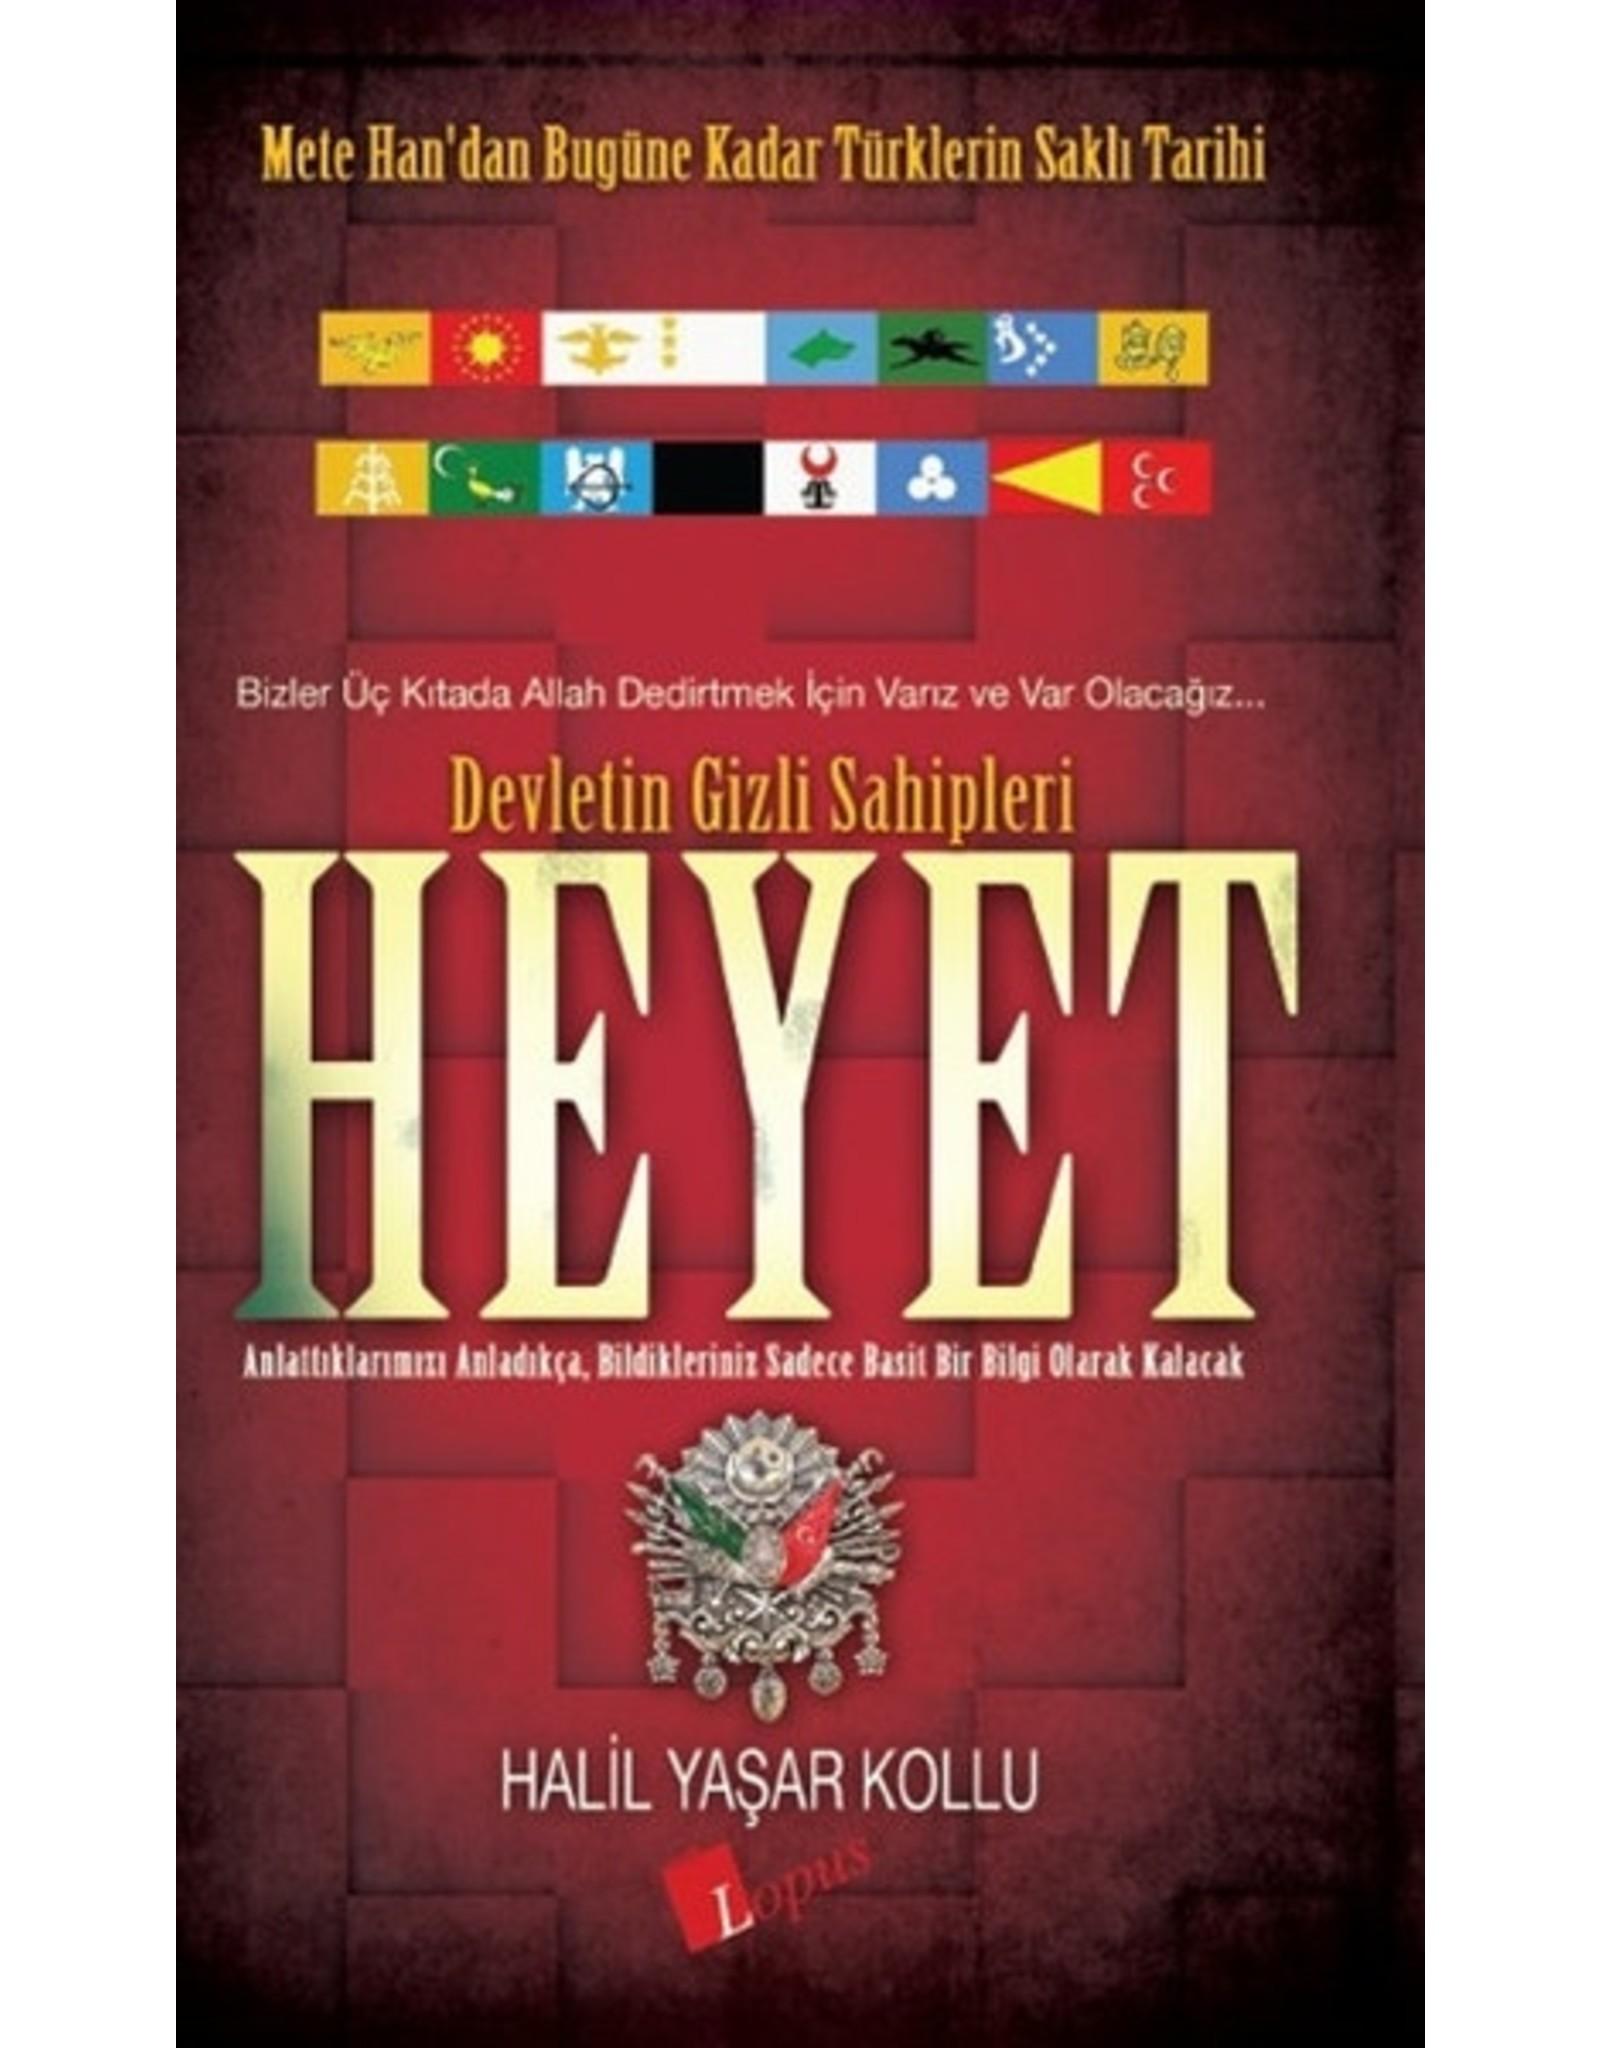 Halil Yaşar Kollu Heyet 1 / Devletin Gizli Sahipleri